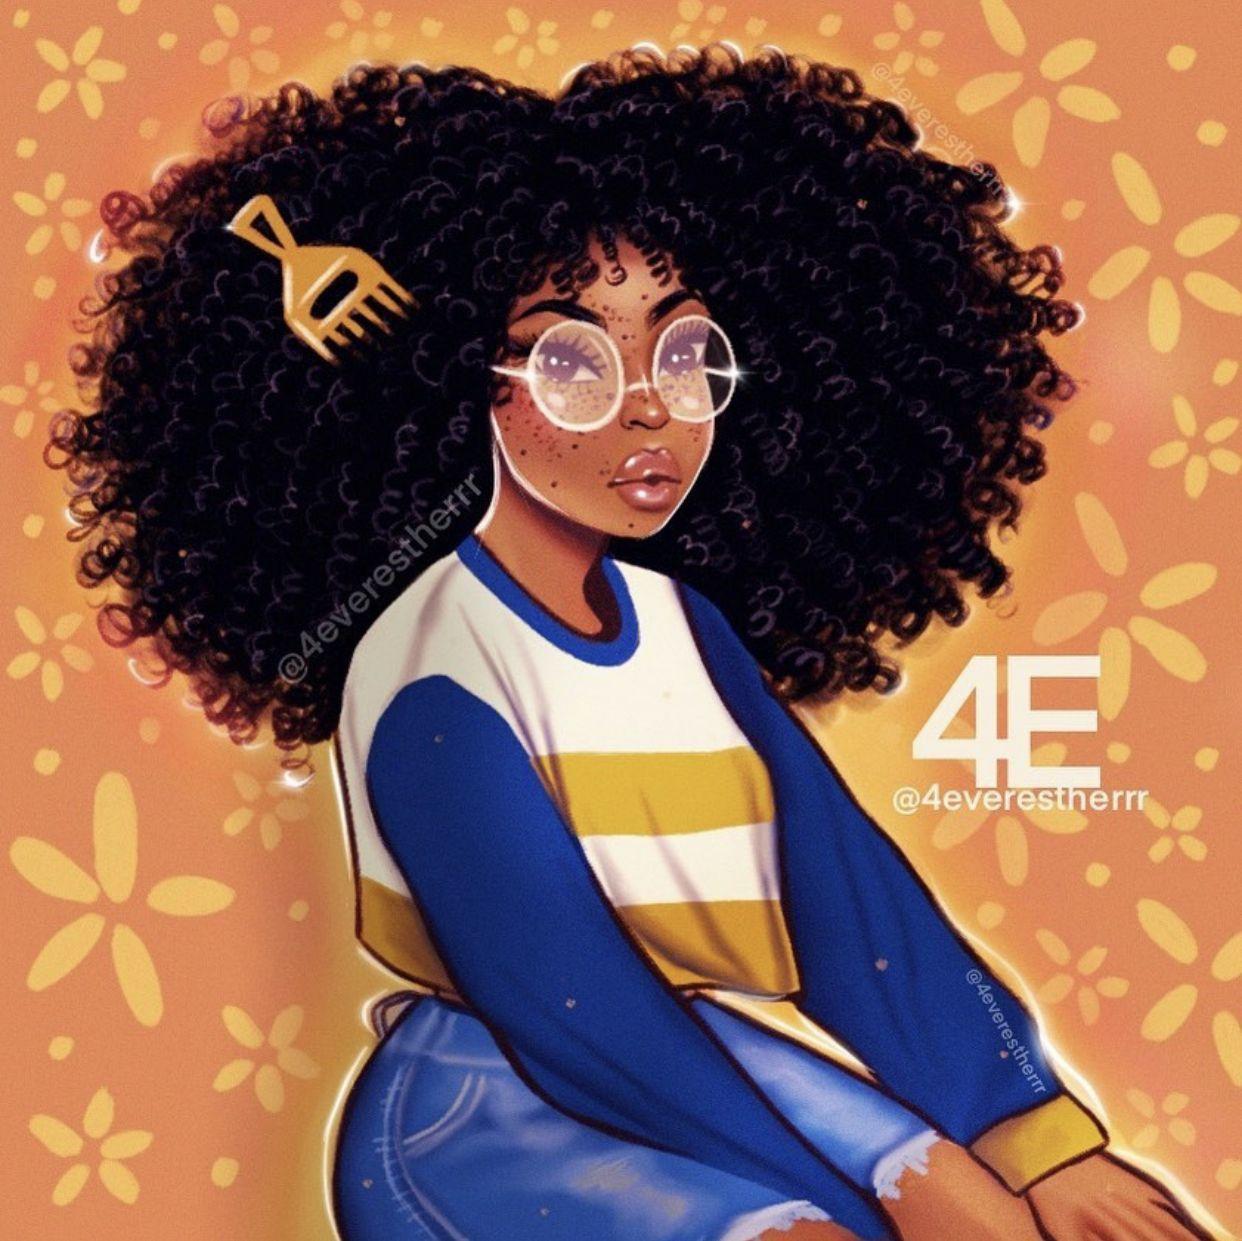 Pin By Futbolfilife On Melanin Magic Pretty Brown Black Girl Art Black Girl Magic Art Black Girl Cartoon